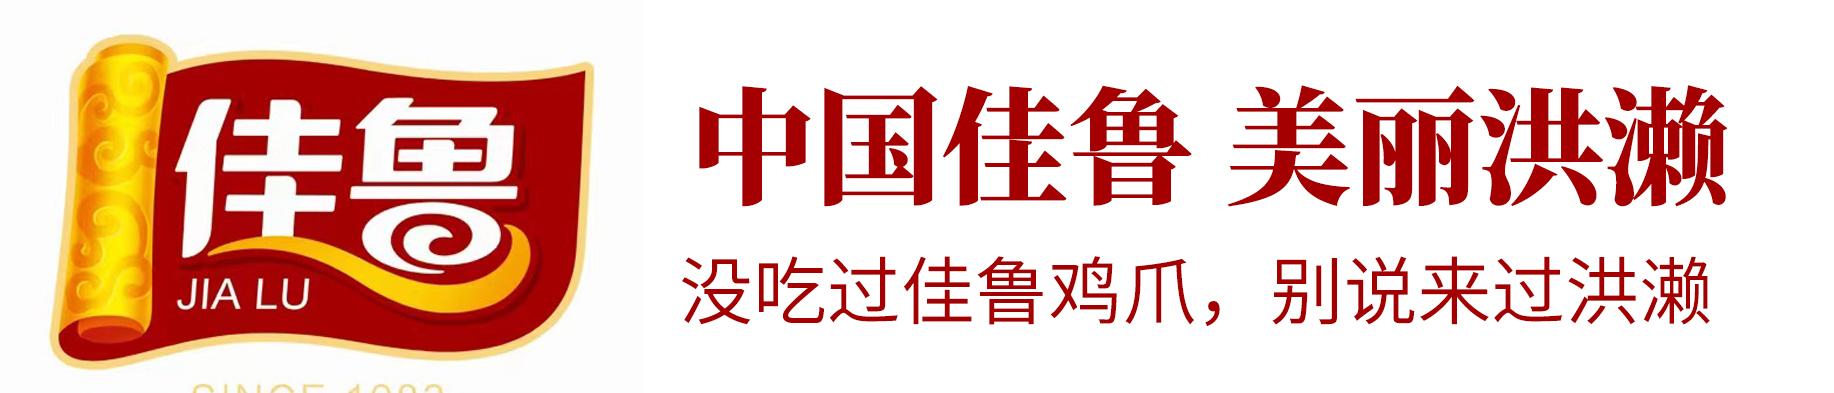 福建省南安市佳魯食品有限公司